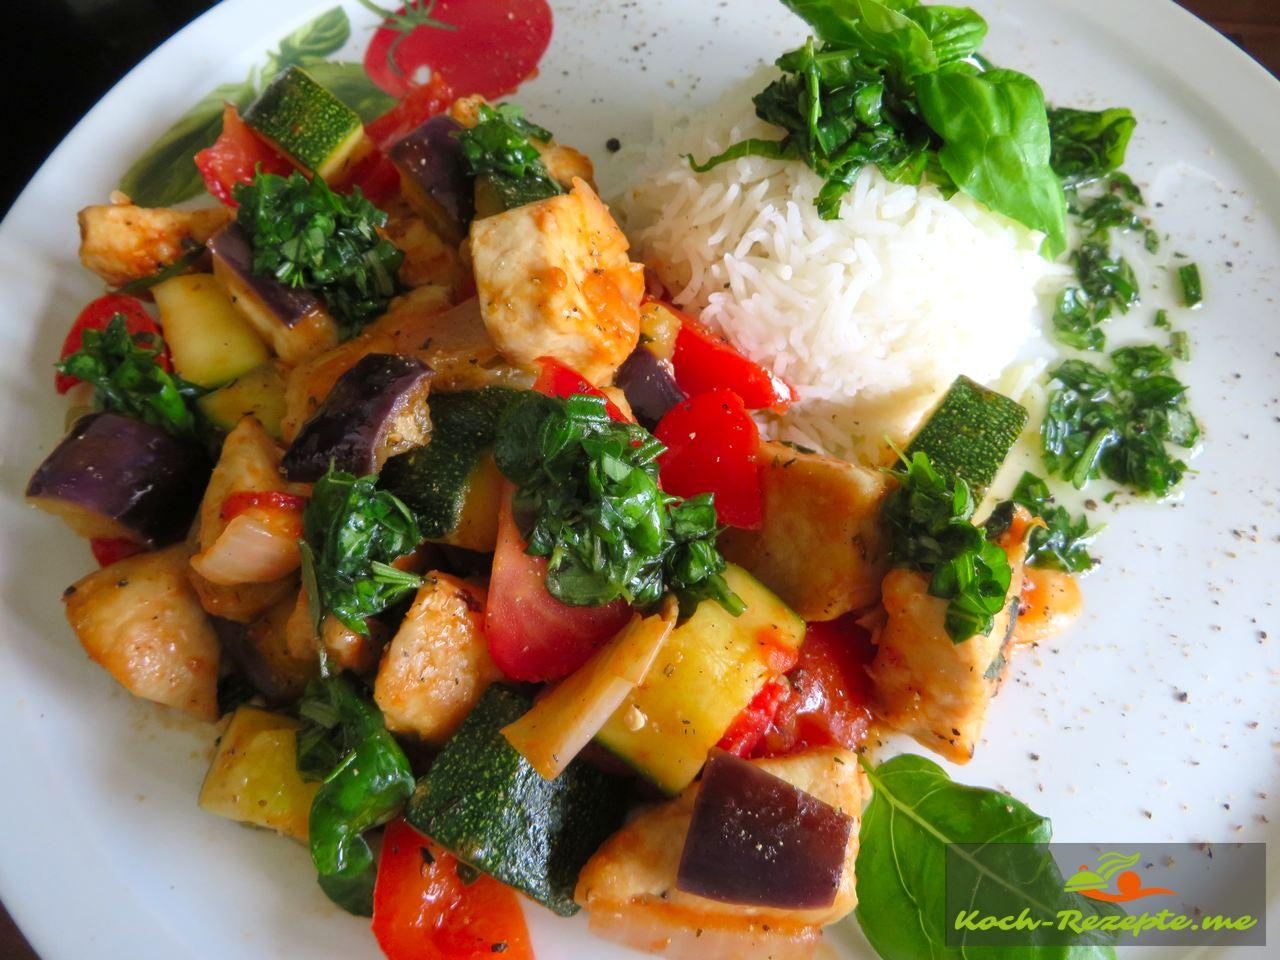 Rezept mediterranes Gemüse mit Hähnchen und Kräuter-Öl,  guten Appetit